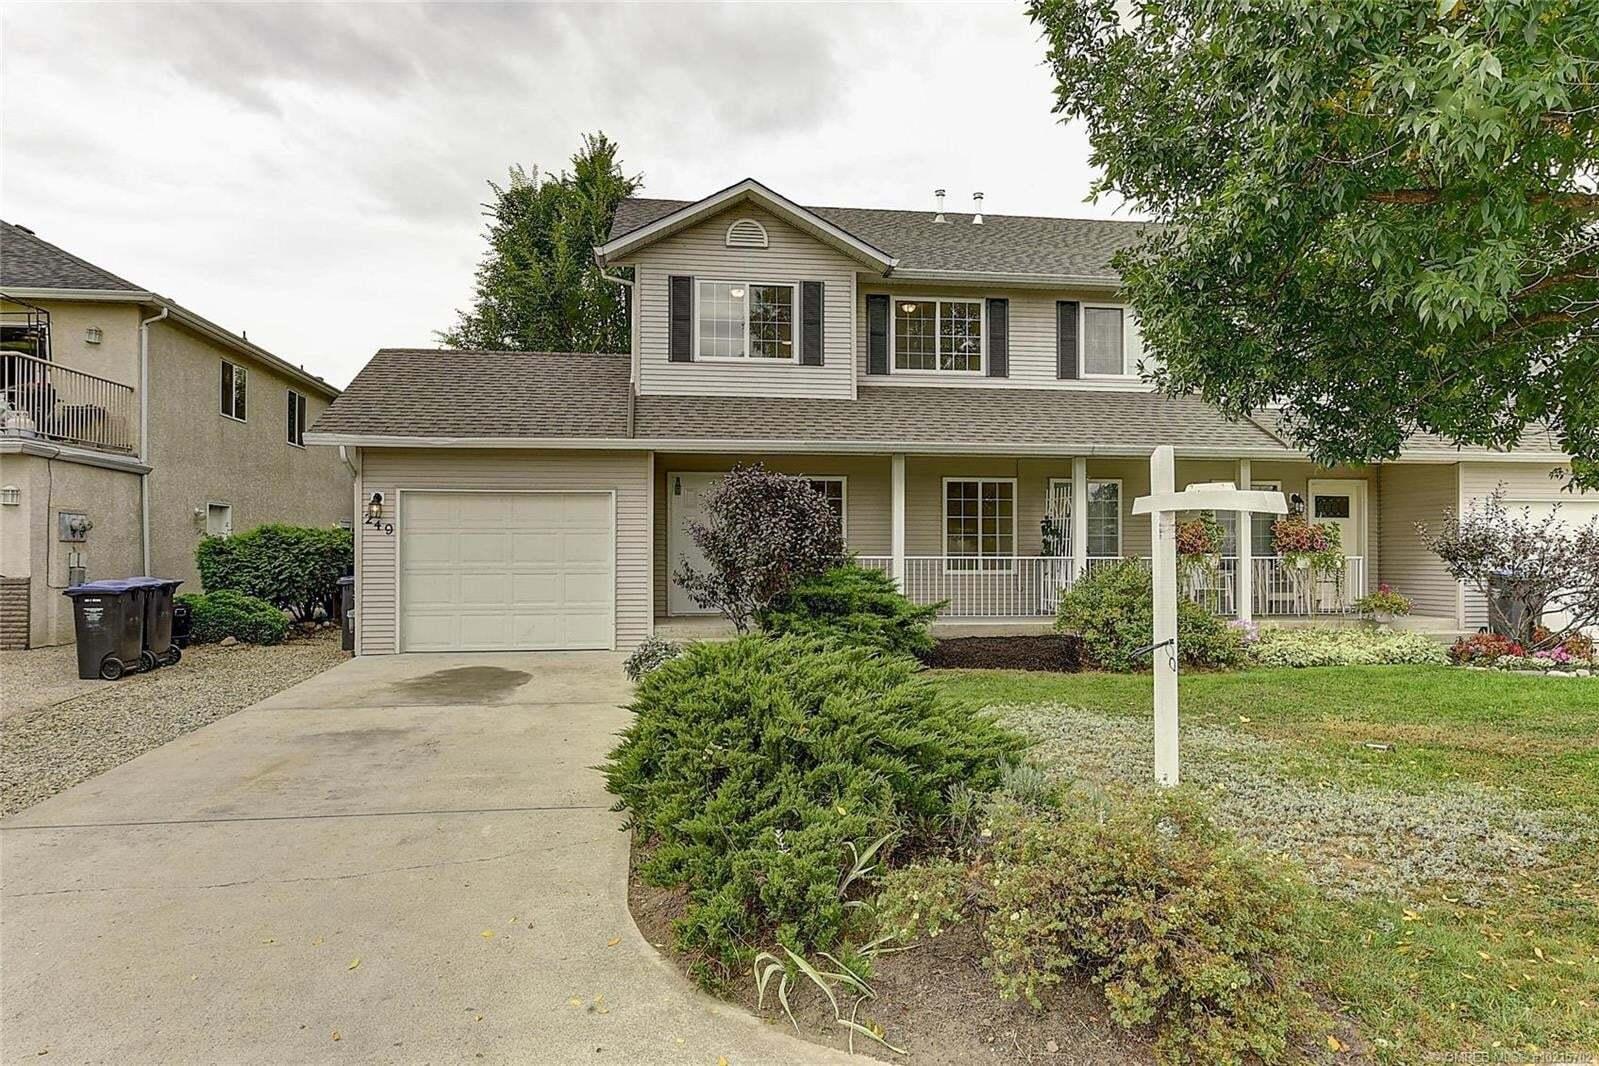 Townhouse for sale at 249 Klassen Rd Kelowna British Columbia - MLS: 10215702